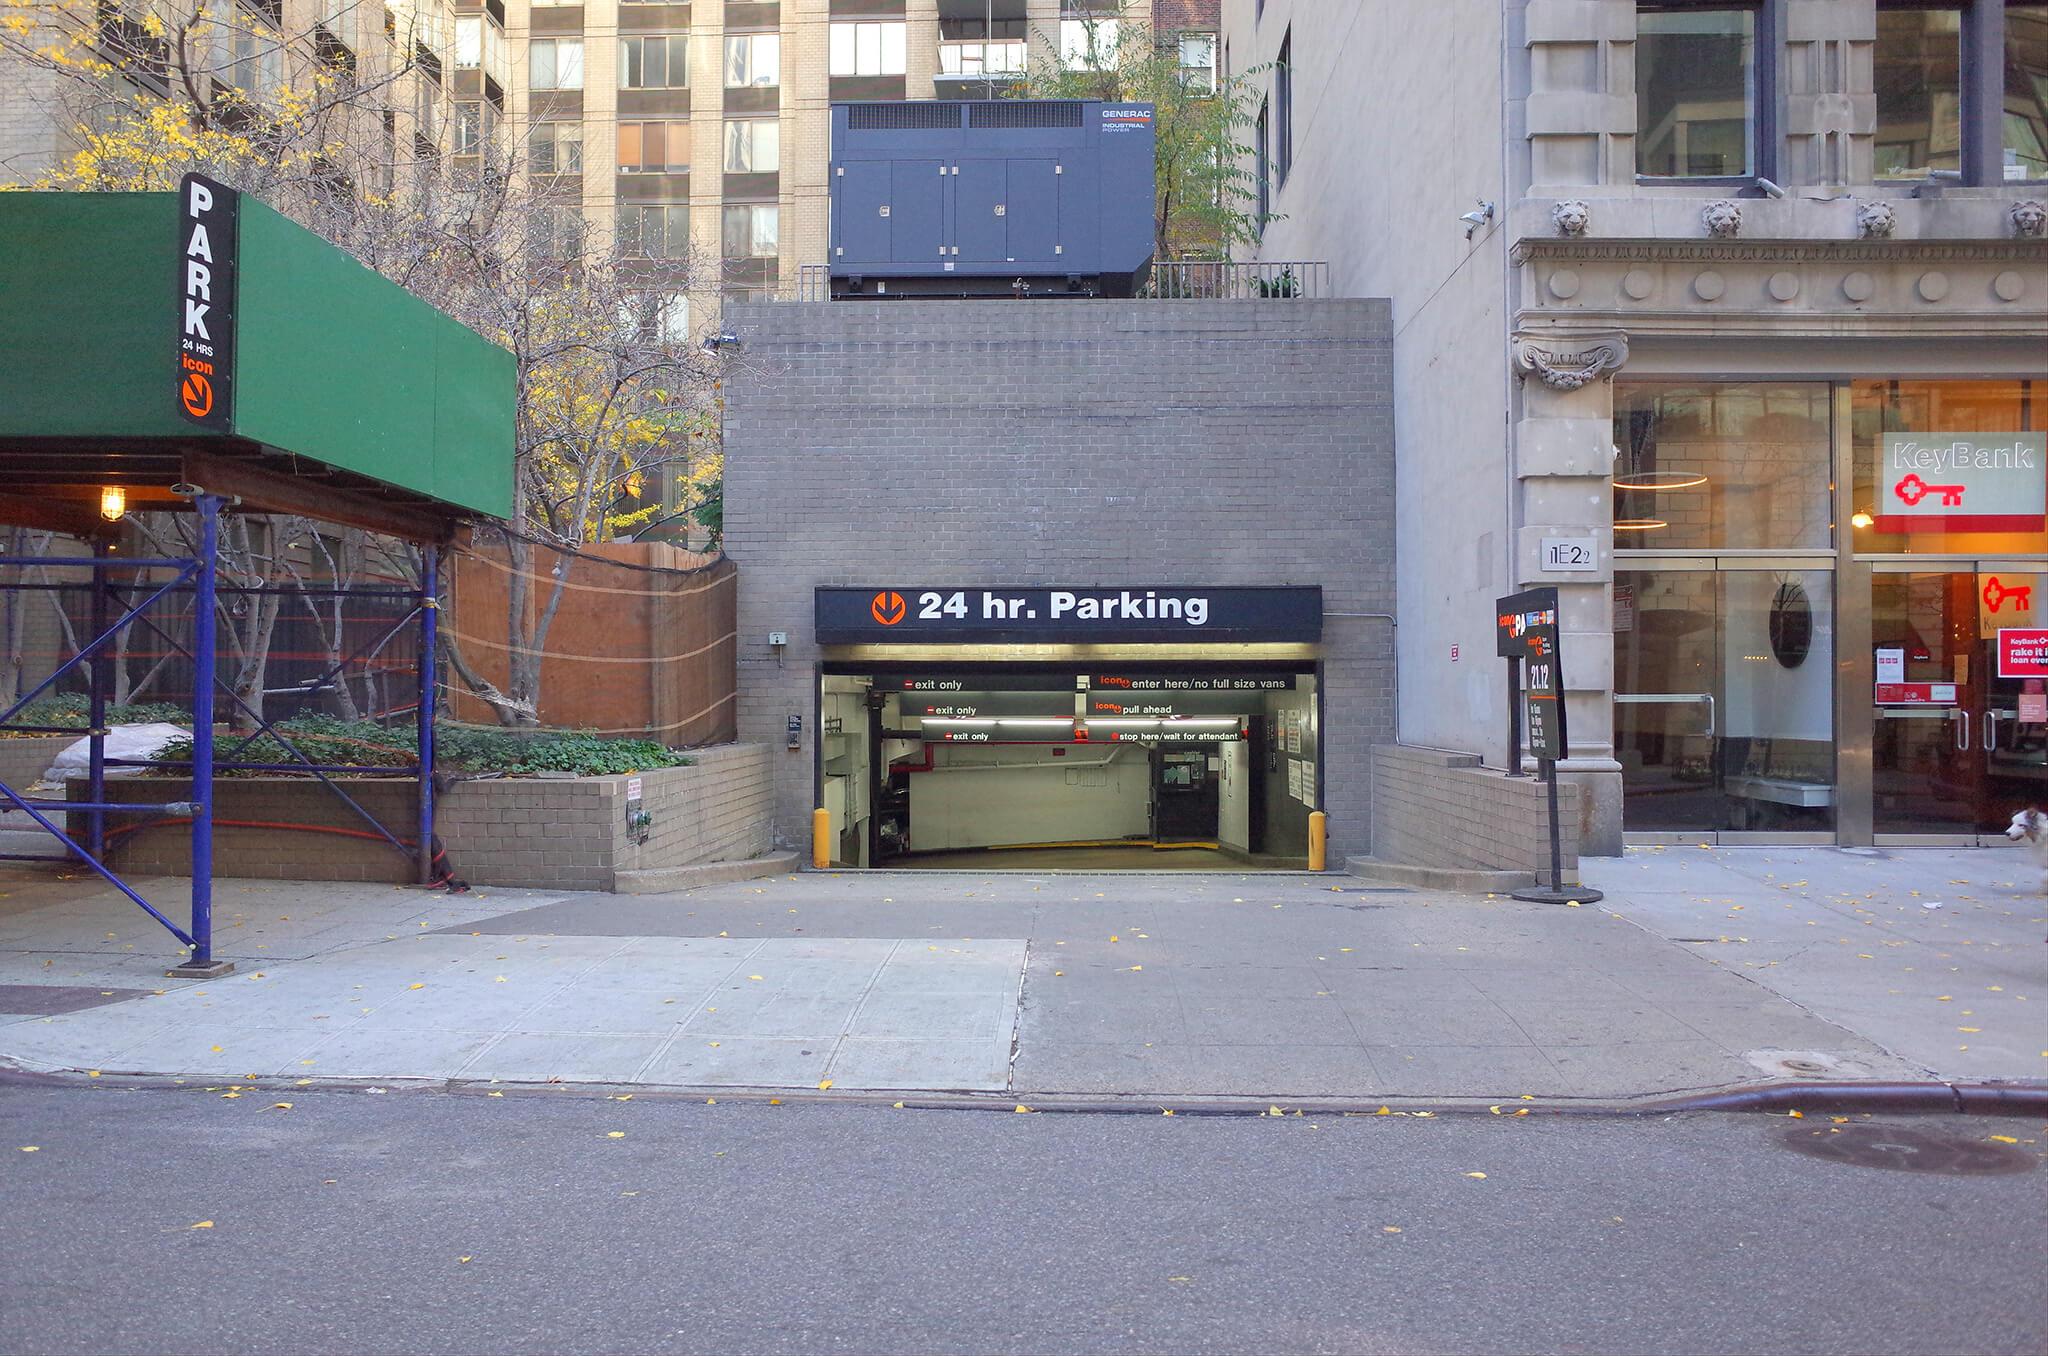 al di la Trattoria Parking - Find Parking near al di la